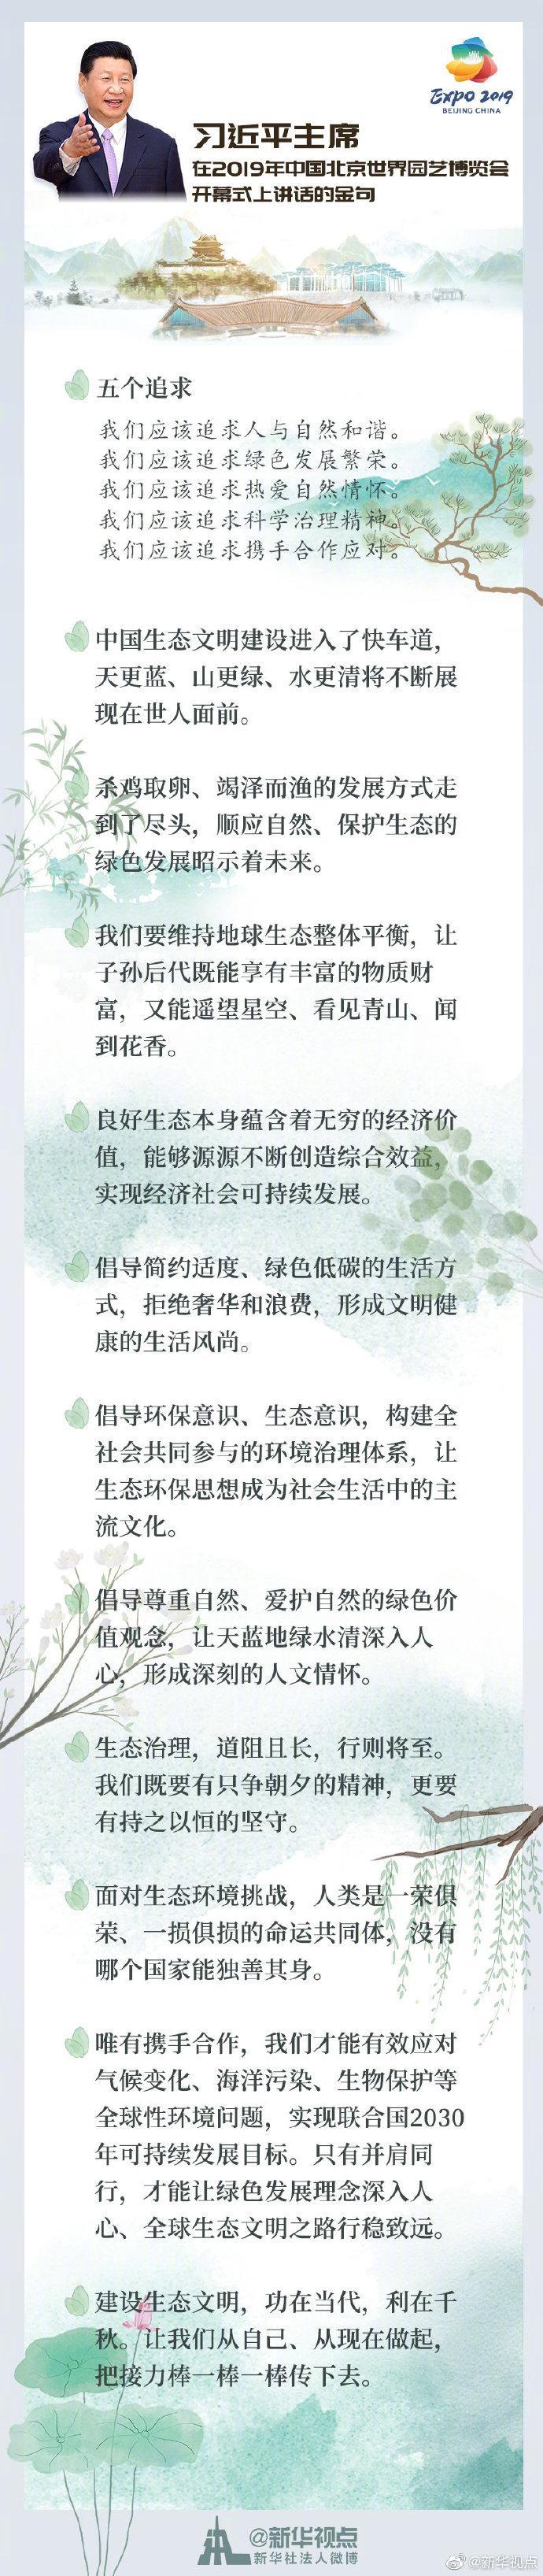 习近平在2019年中国北京世界园艺博览会开幕式上讲话的金句